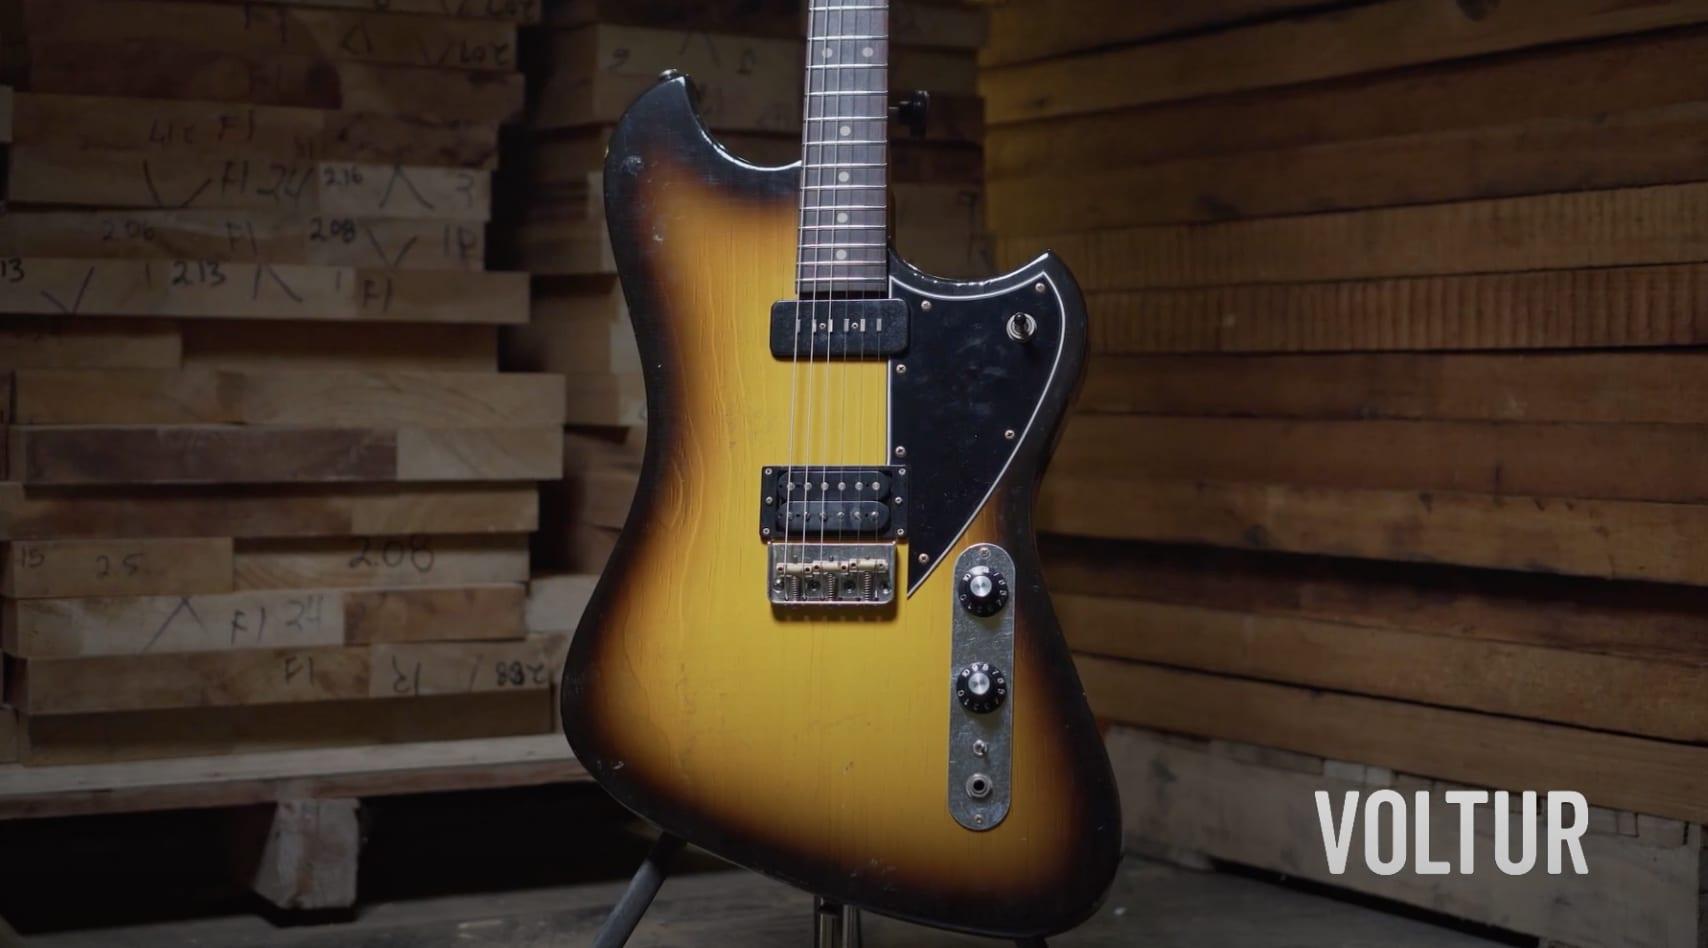 Novo Guitar Voltur